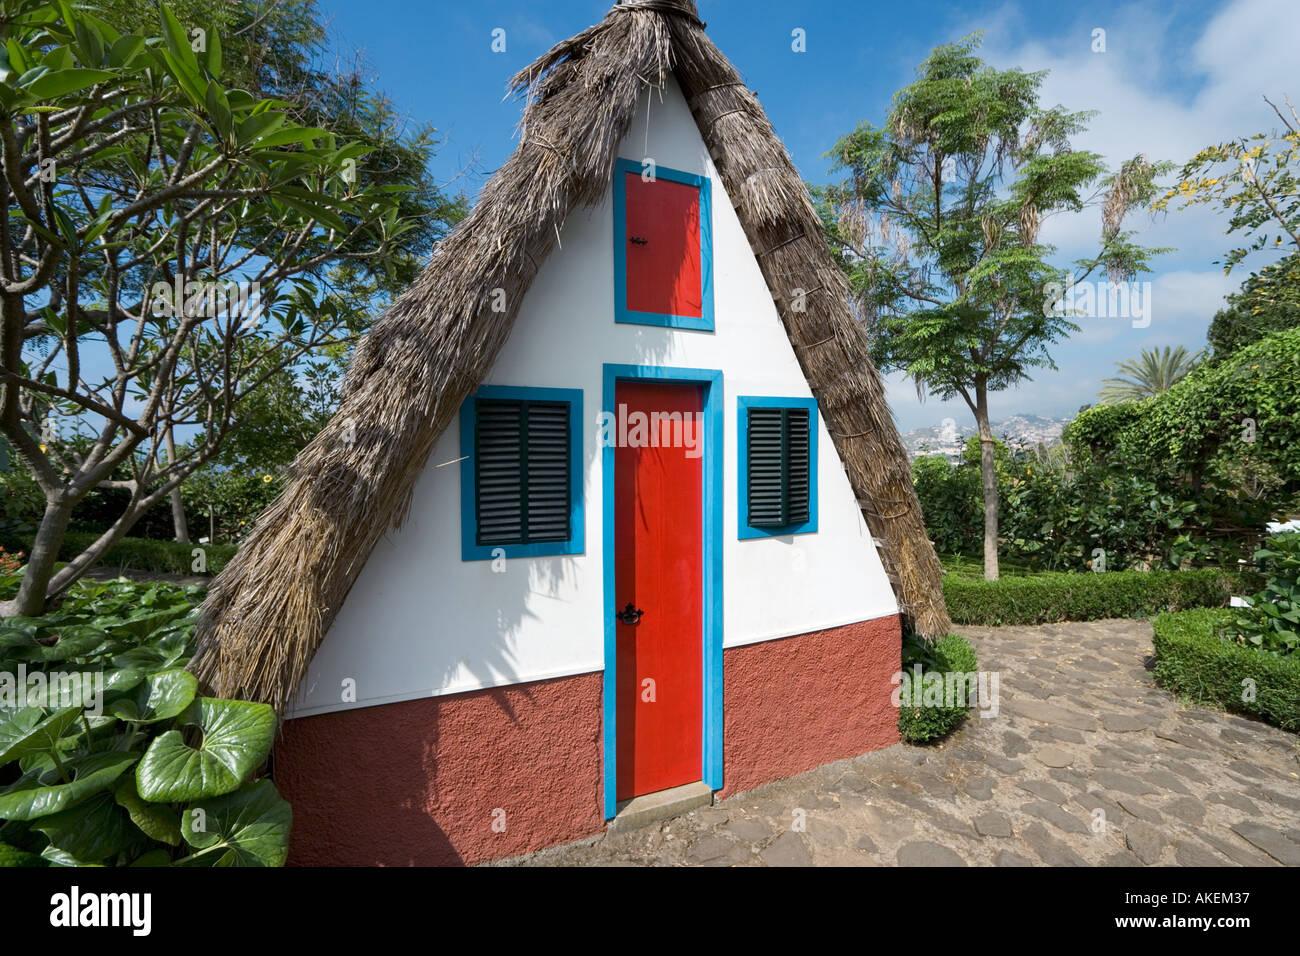 Lo stile di Santana House, Giardini Botanici, Funchal, Madeira, Portogallo Immagini Stock